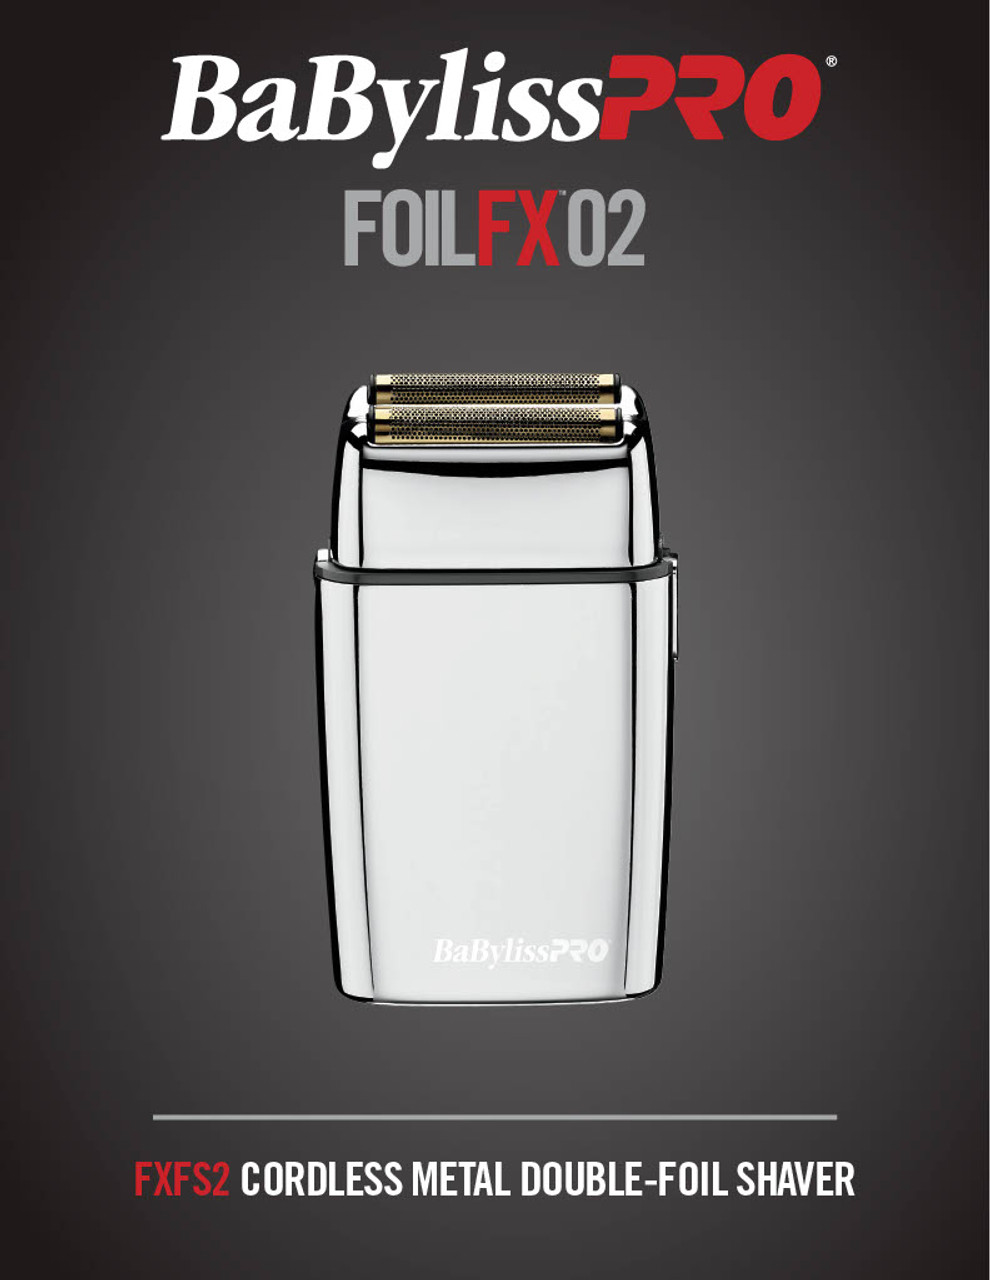 BabylissPro Foil FX2 Shaver